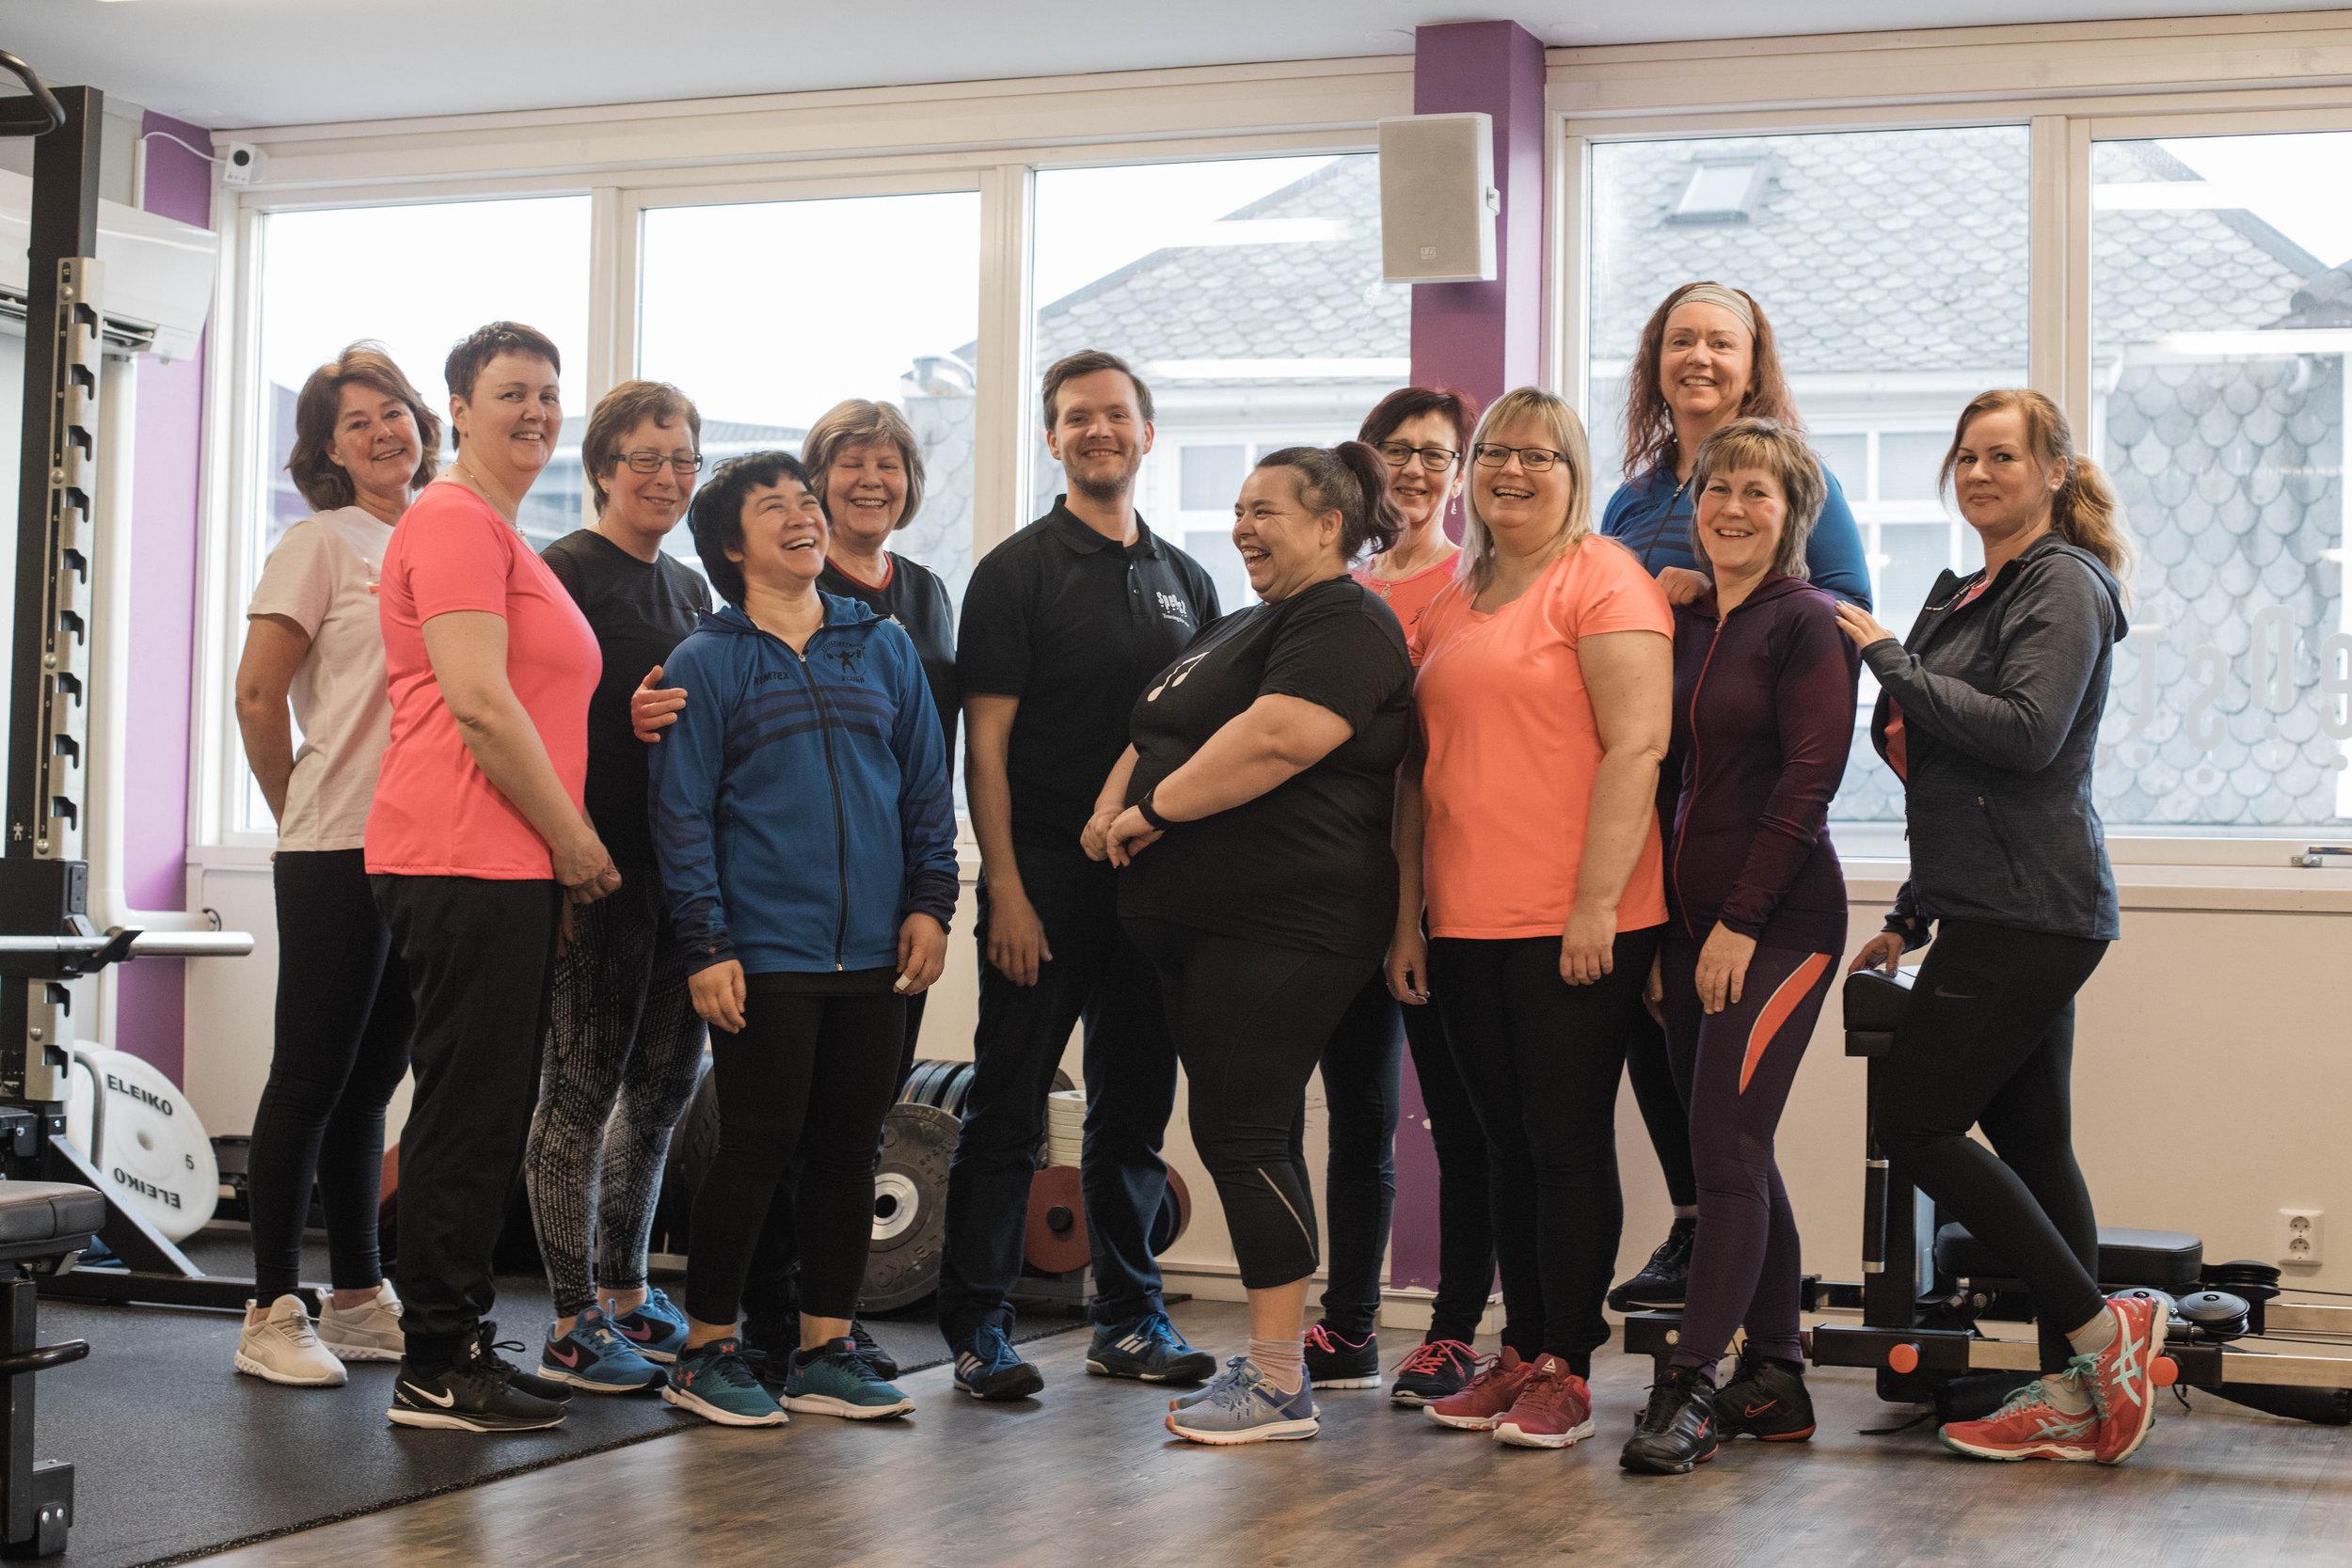 Frå venstre: May, Tone, Edith, Kari, Astrid, Kjetil, Hege, Solfrid, Laila, Mona, Brynhild og Ingunn. Photo Lisa Giil.